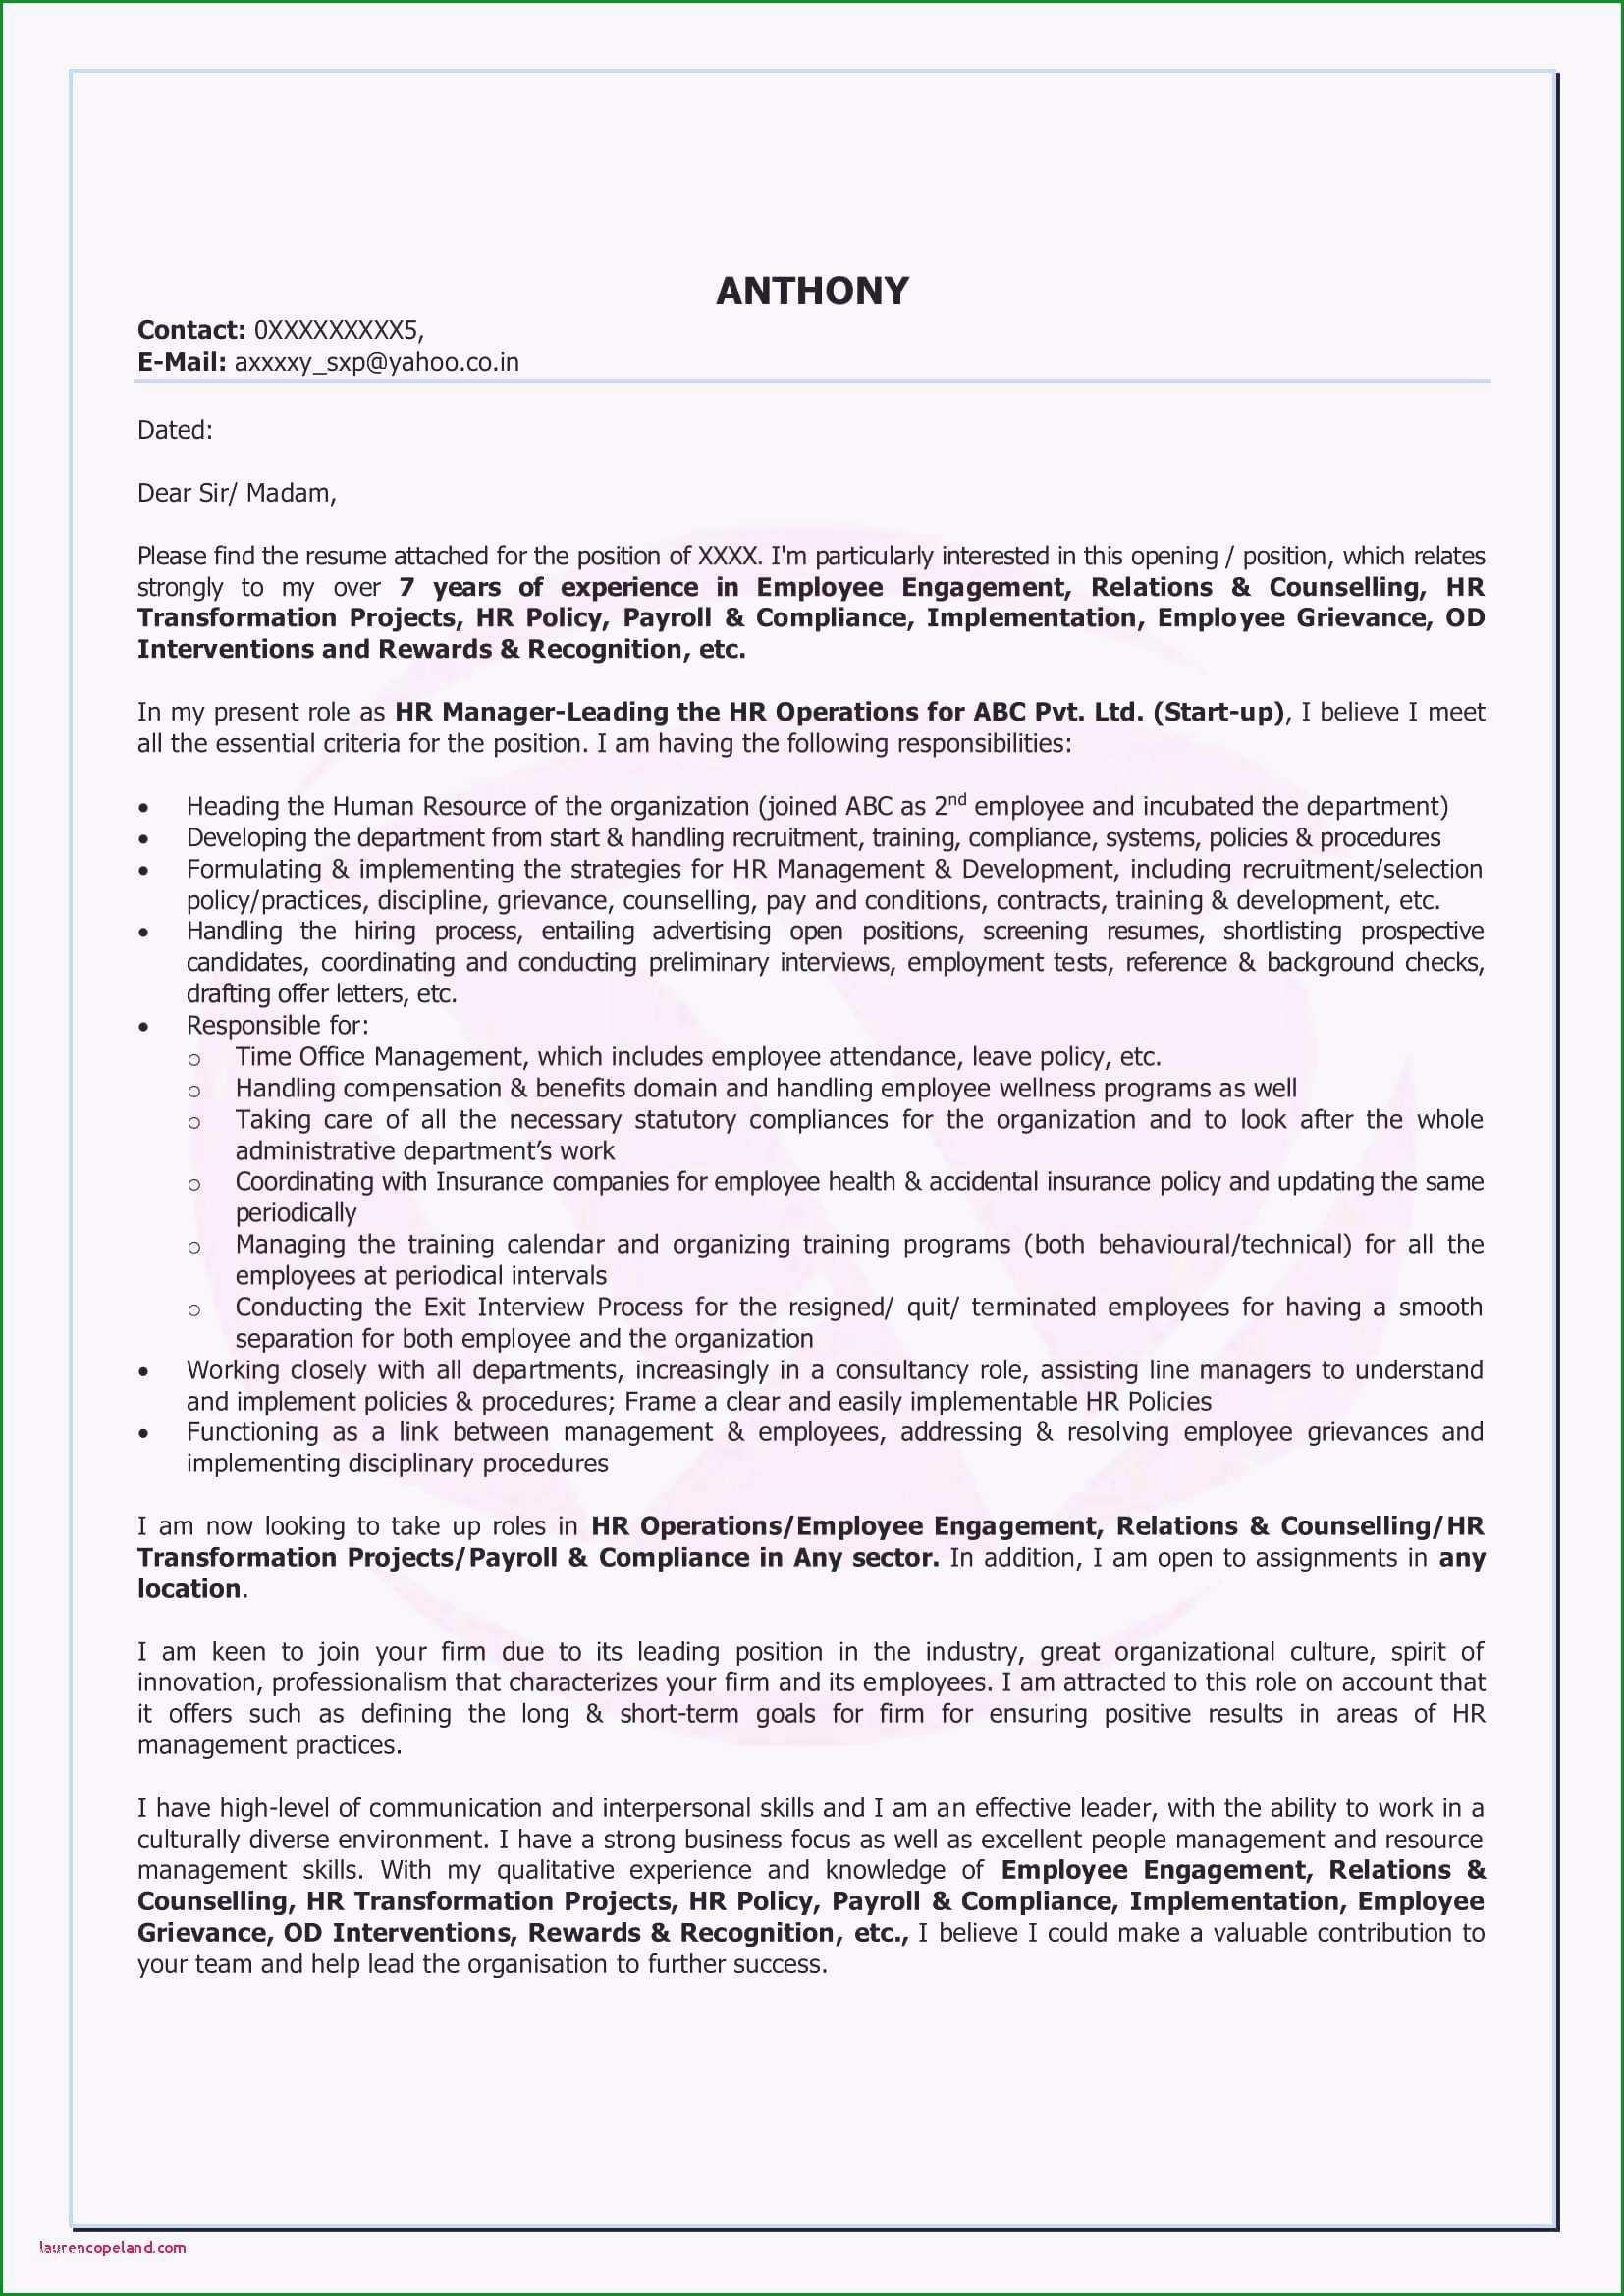 geburtsplan vorlage pdf basic musterschreiben kuendigung arbeit